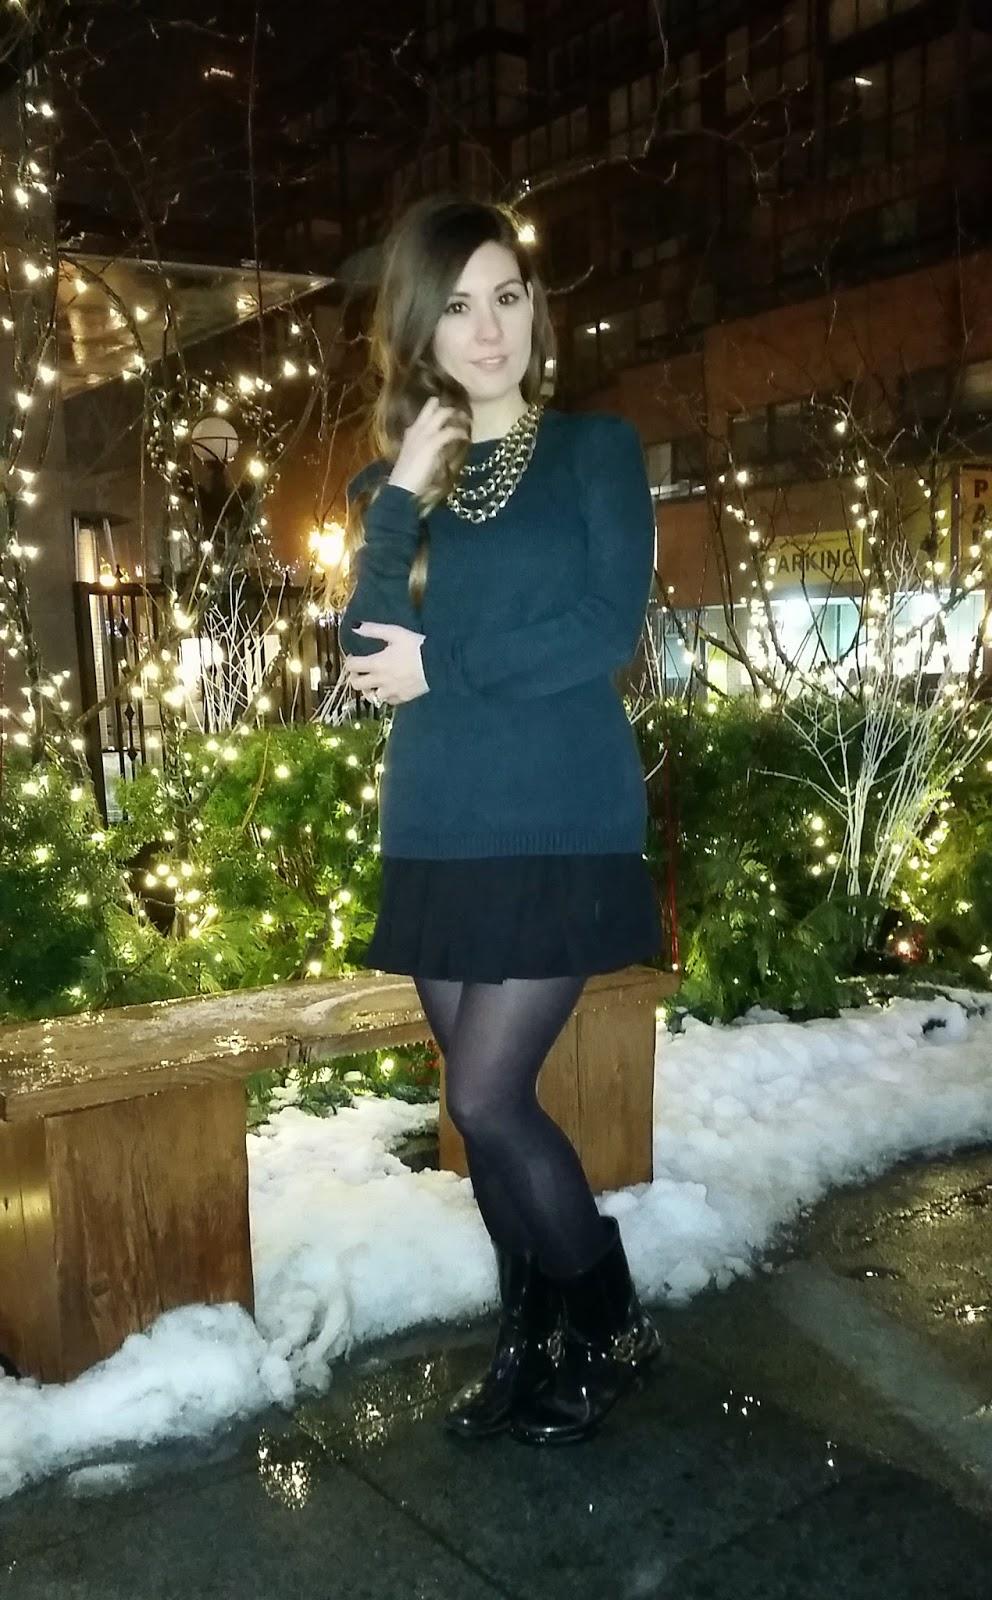 Knit Sweater, Skater Skirt, Michael Kors rain boots, Brandy Melville